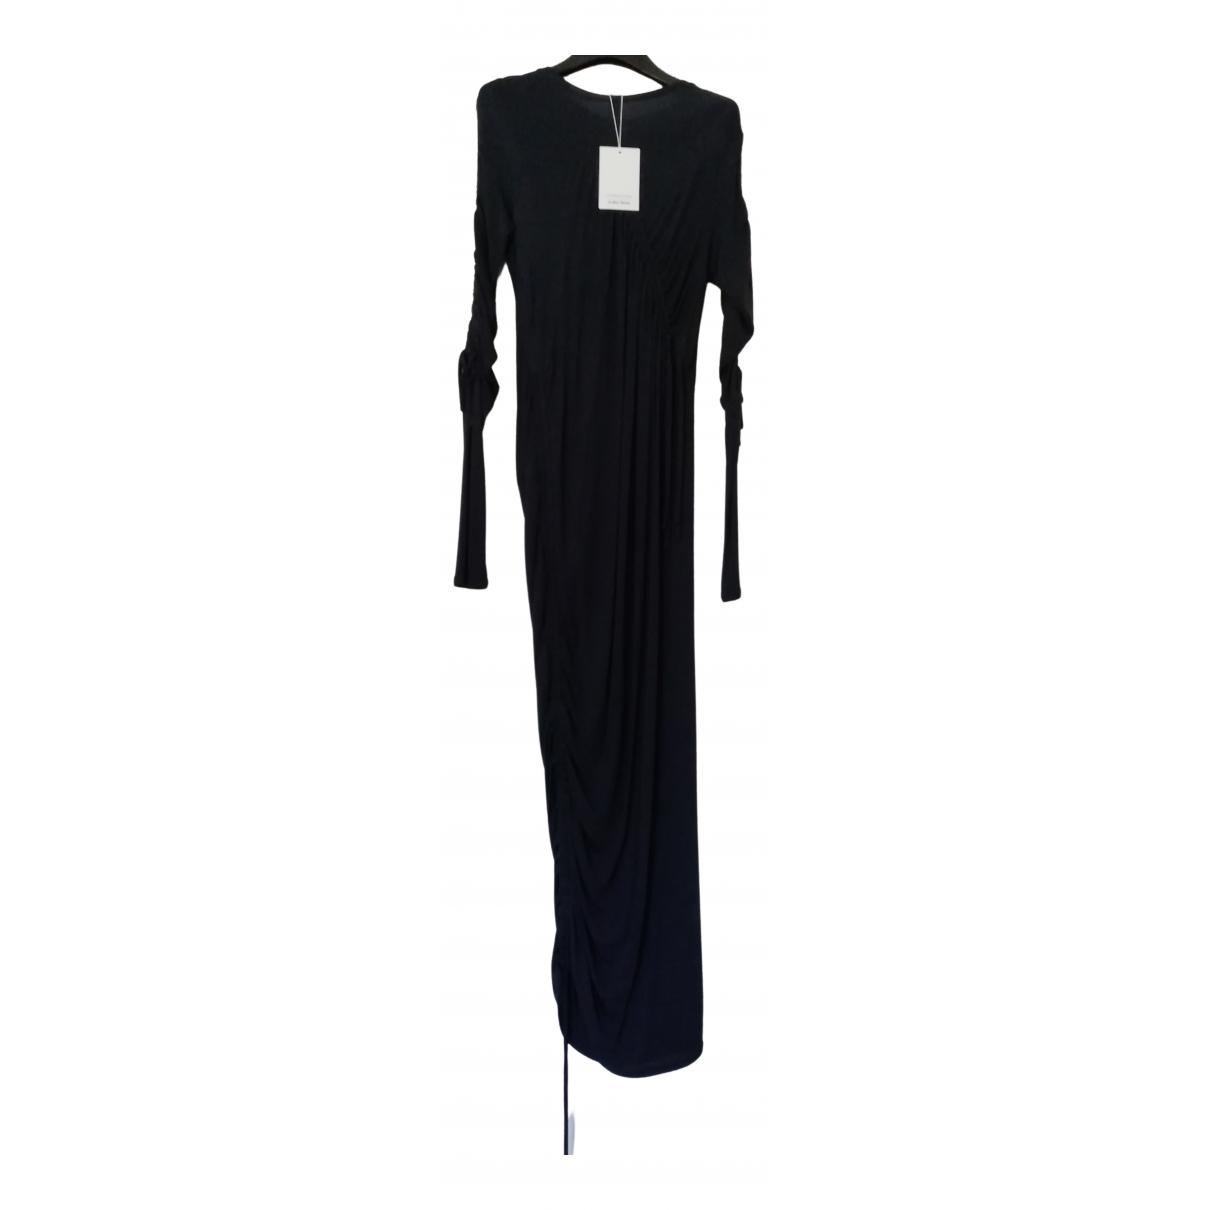 & Stories \N Blue dress for Women 40 IT